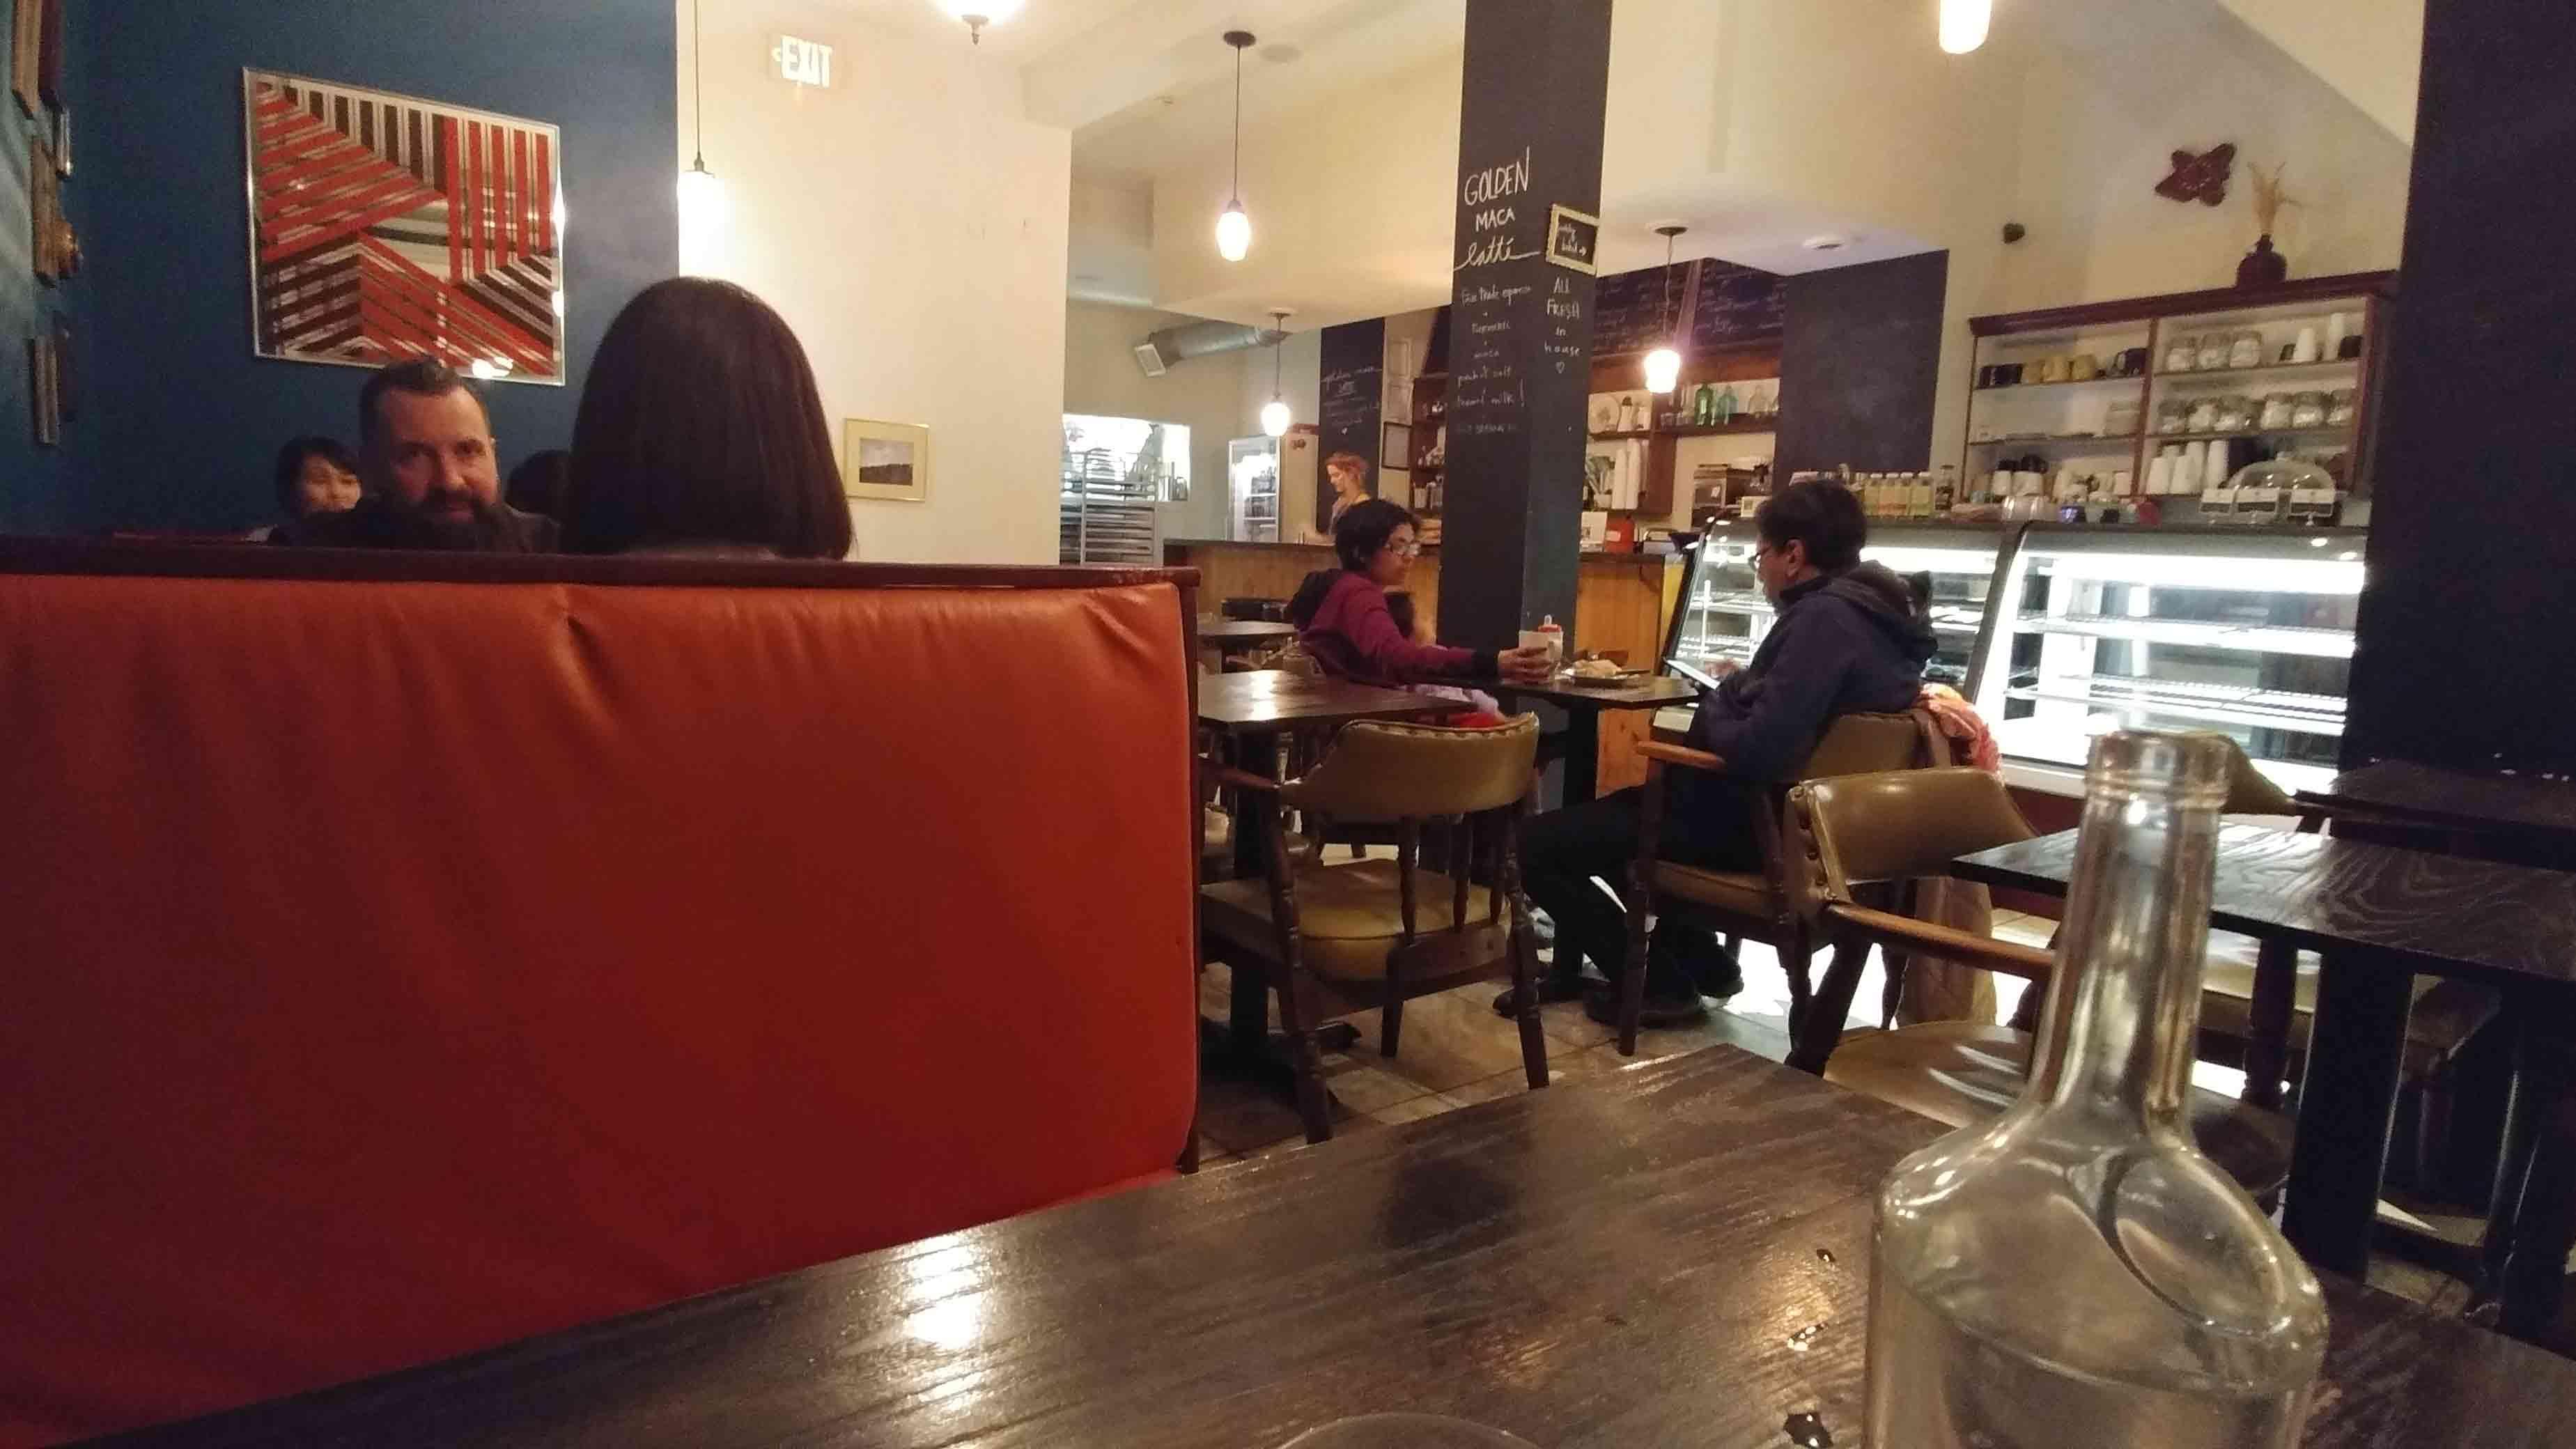 lg-g6-shot-cafe